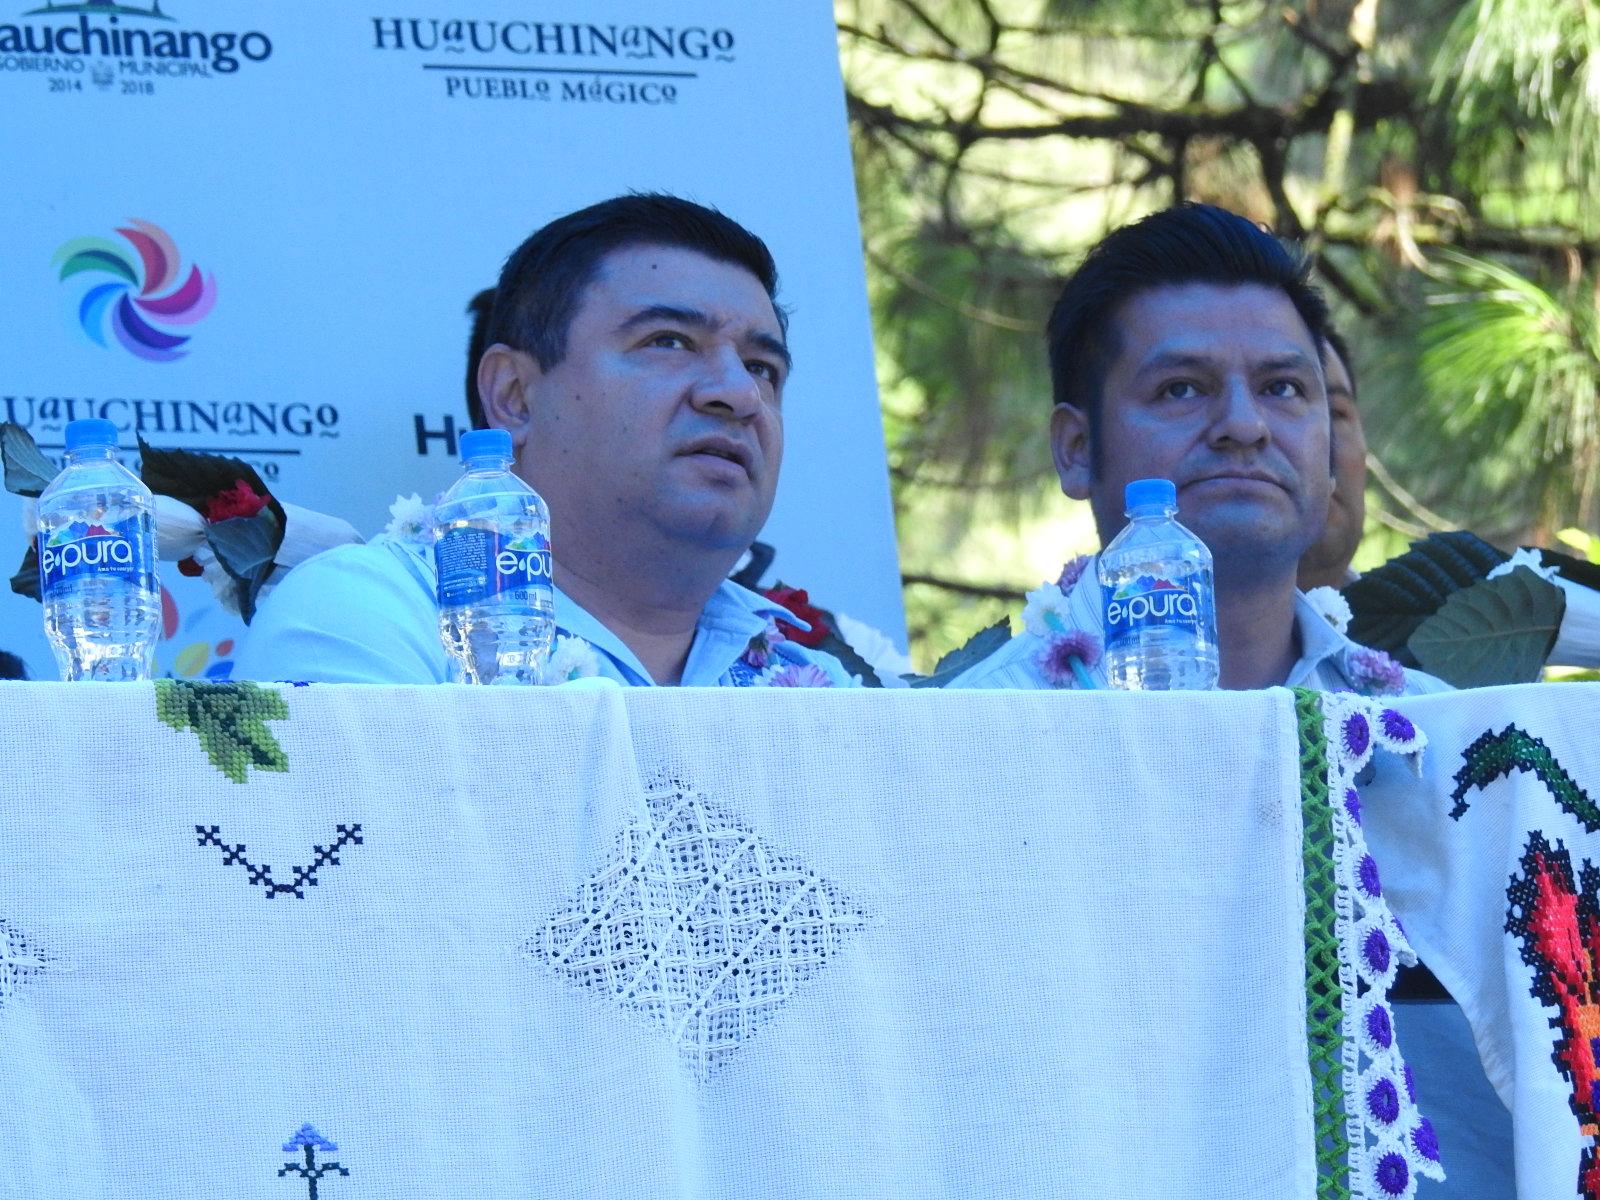 Alcalde declara a Huauchinango libre de megaproyectos